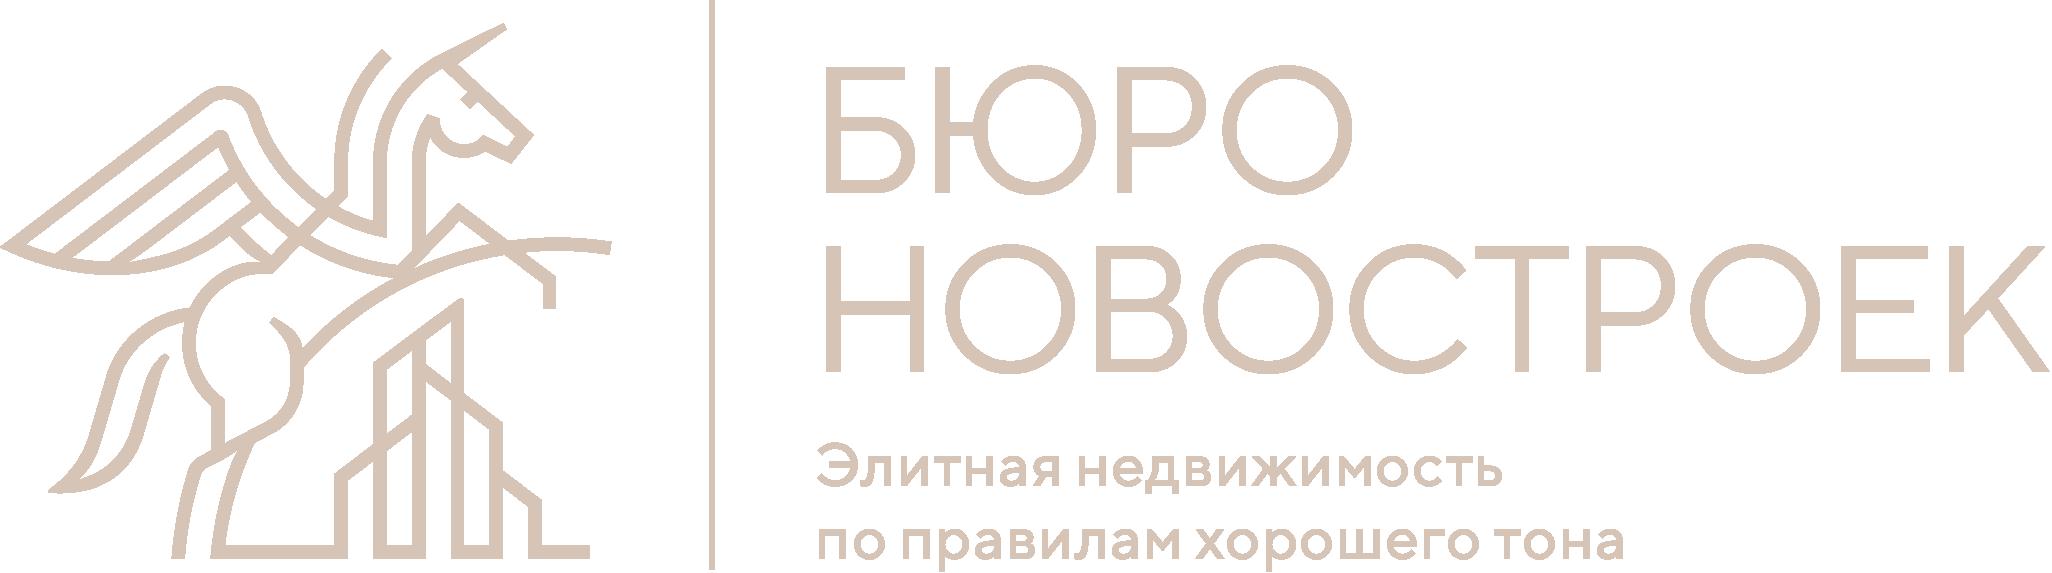 Бюро новостроек